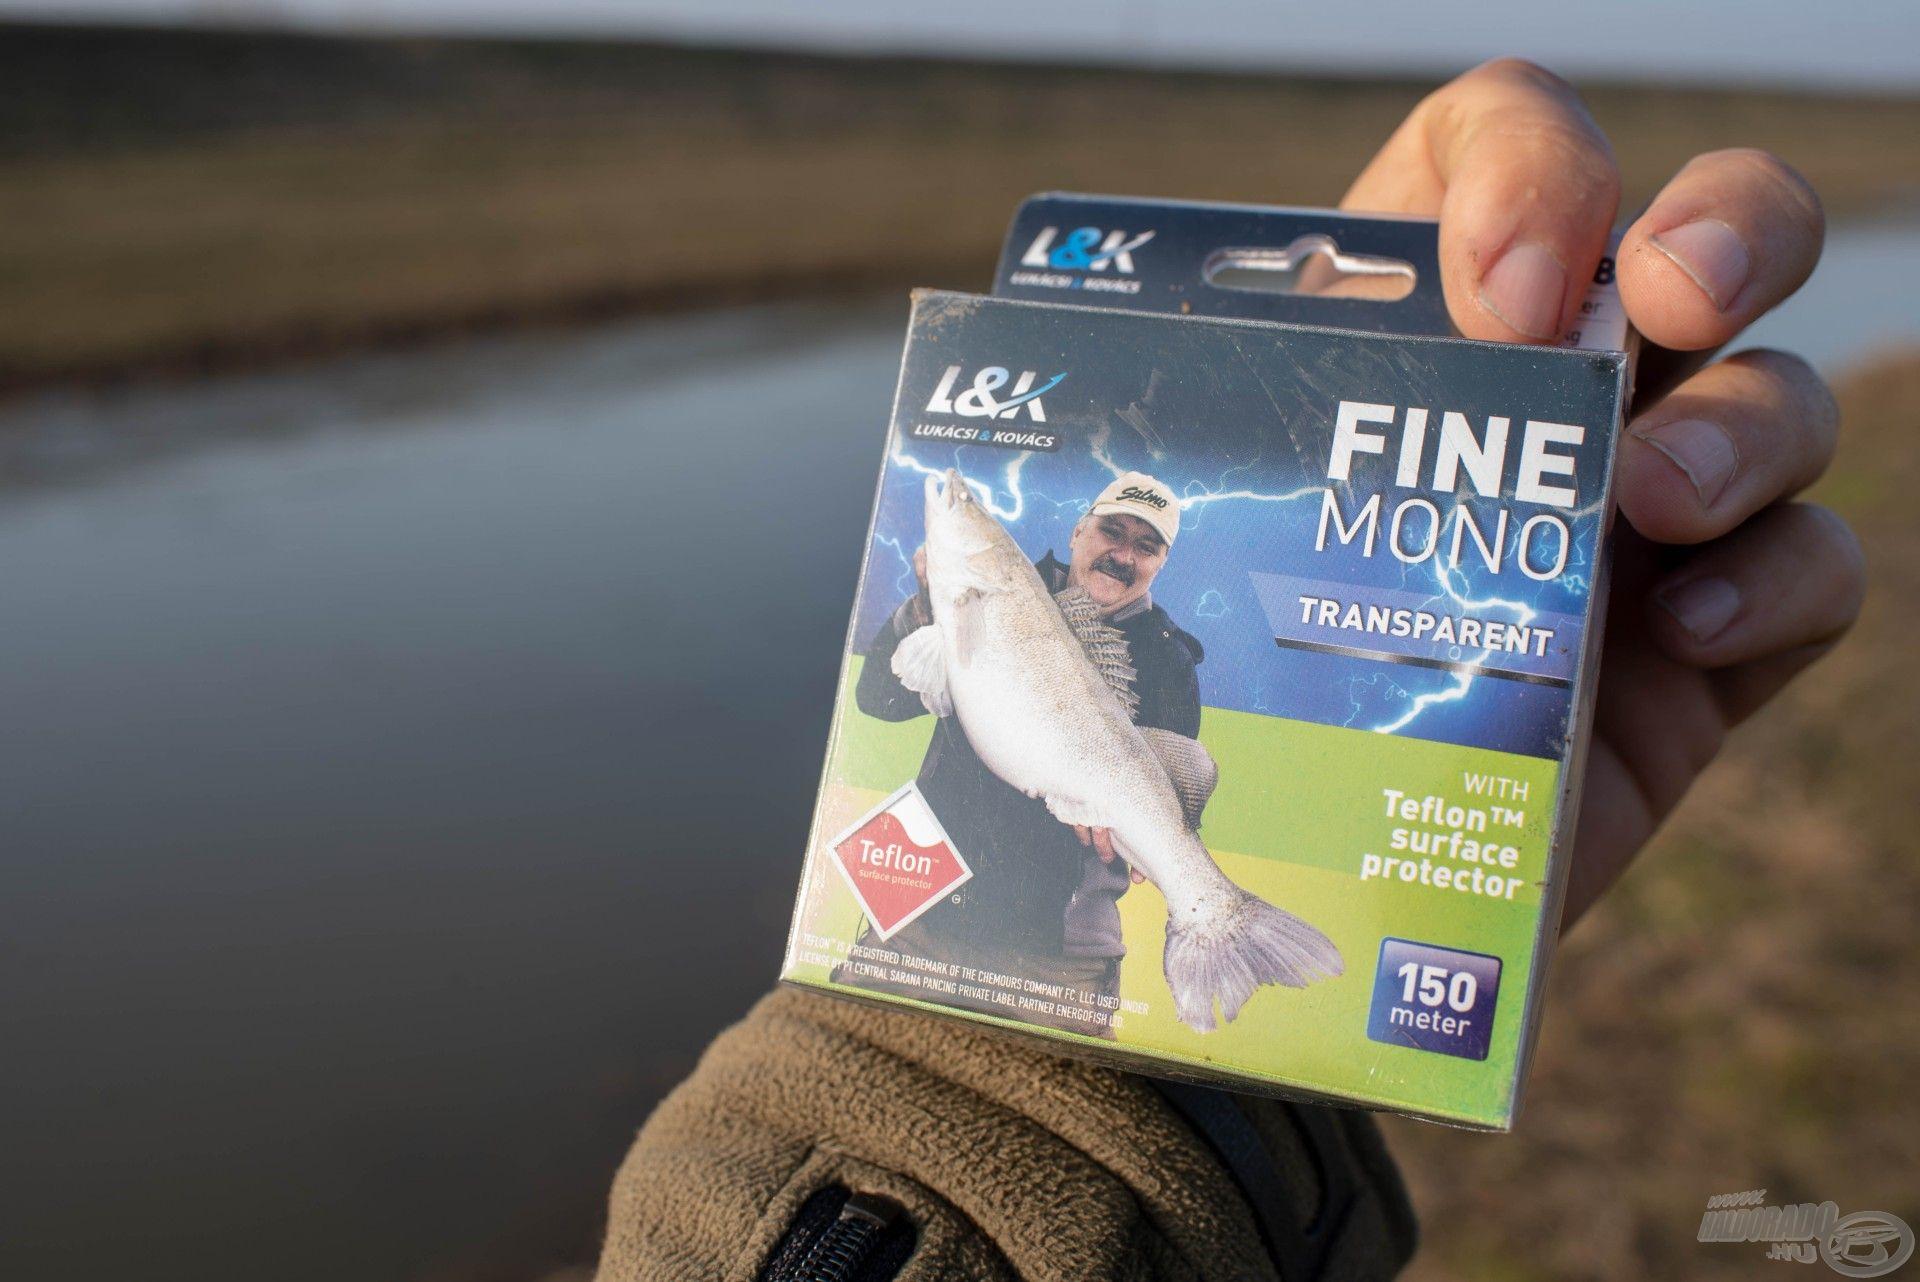 Az L&K Fine Mono a tiszta vizekben is kiválóan használható